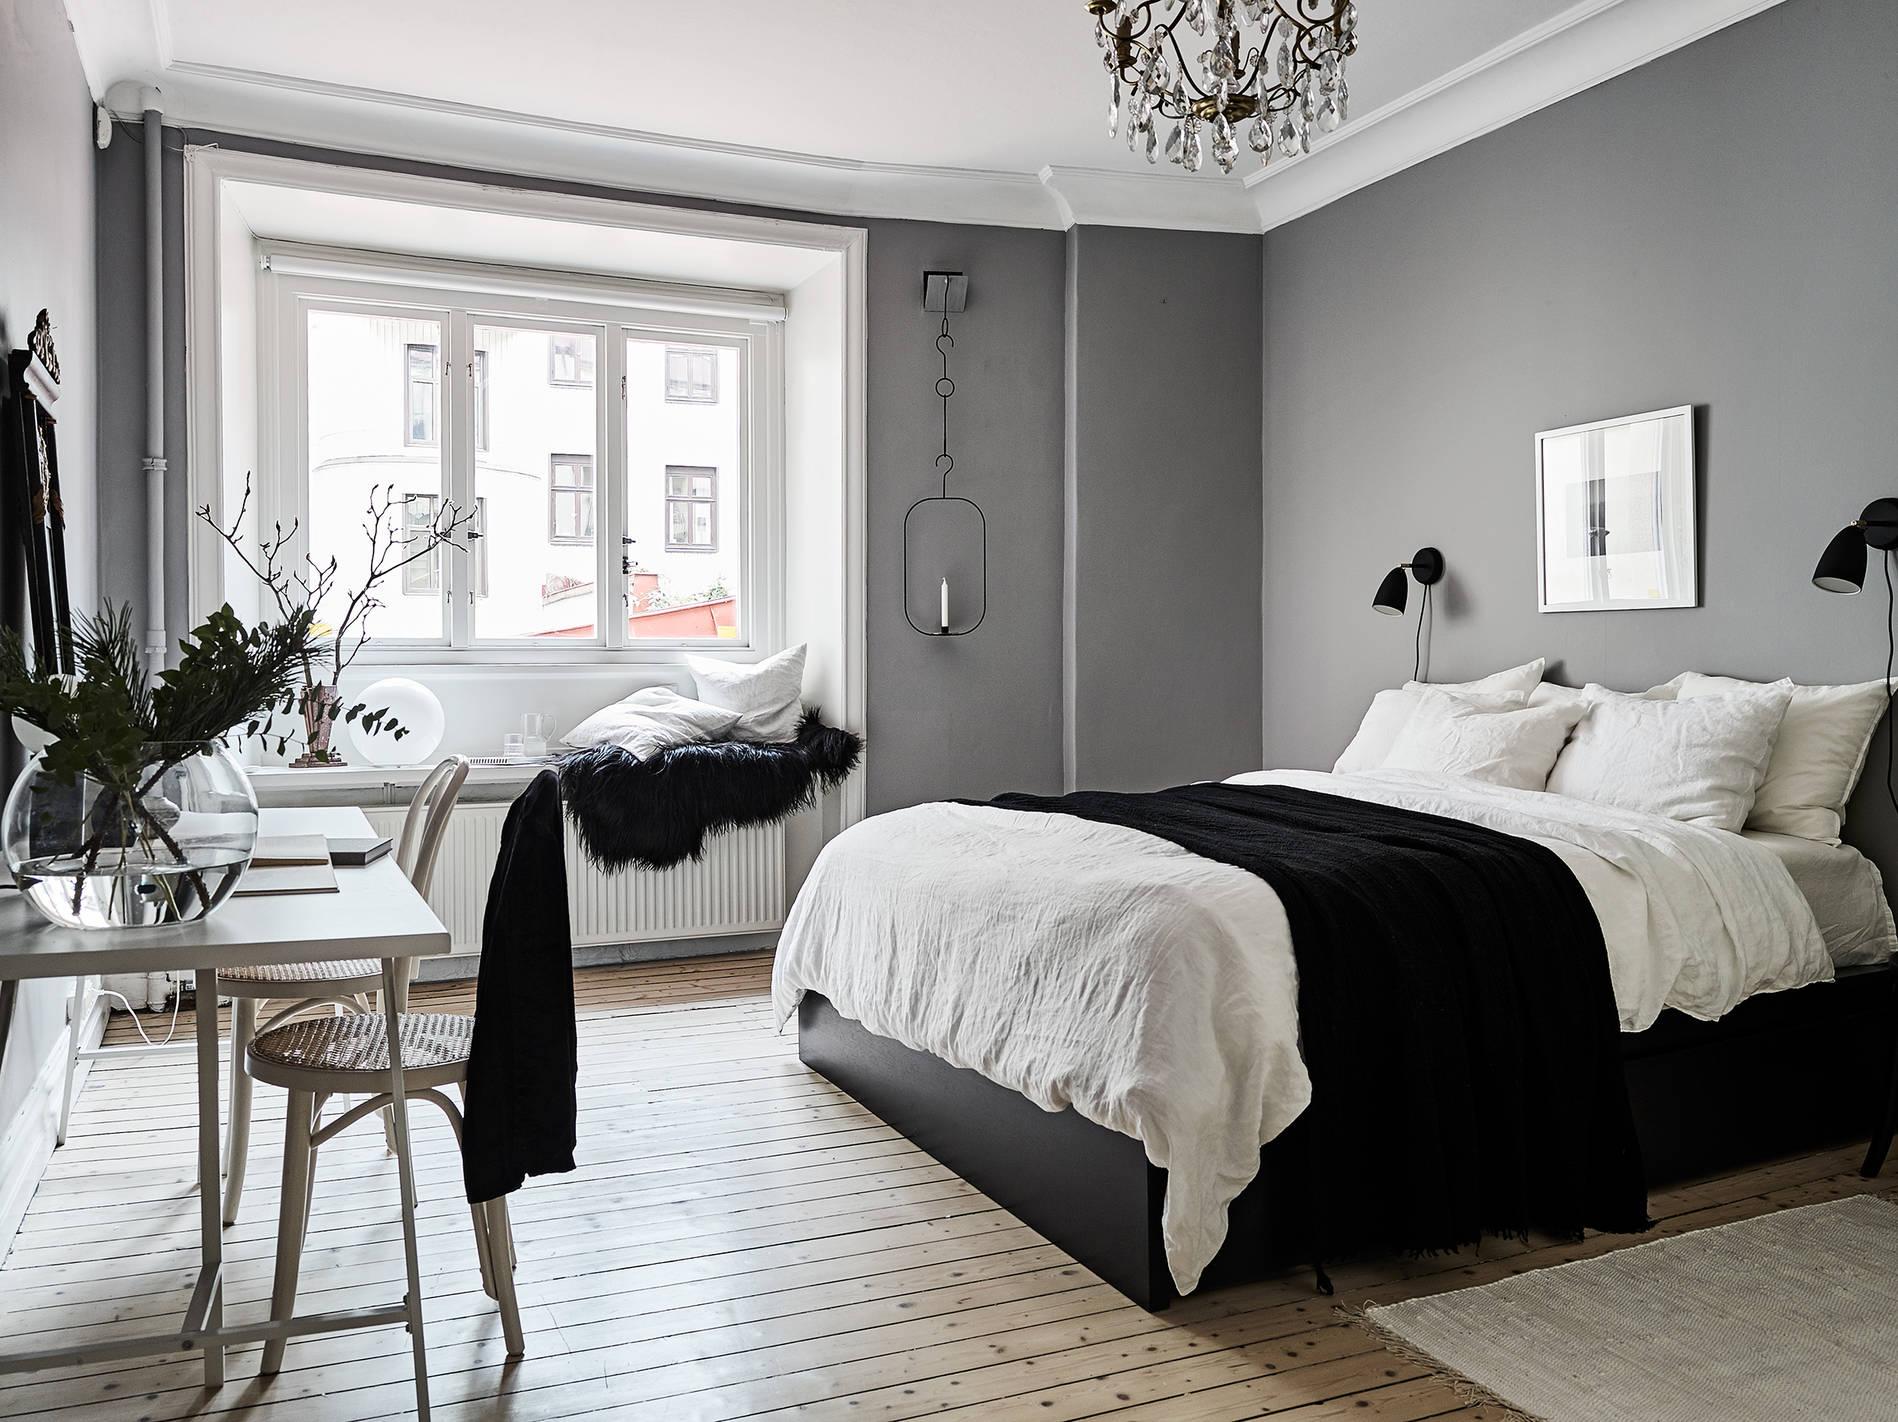 Paredes grises y carpinter a blanca blog tienda - Decoracion de paredes de dormitorios ...